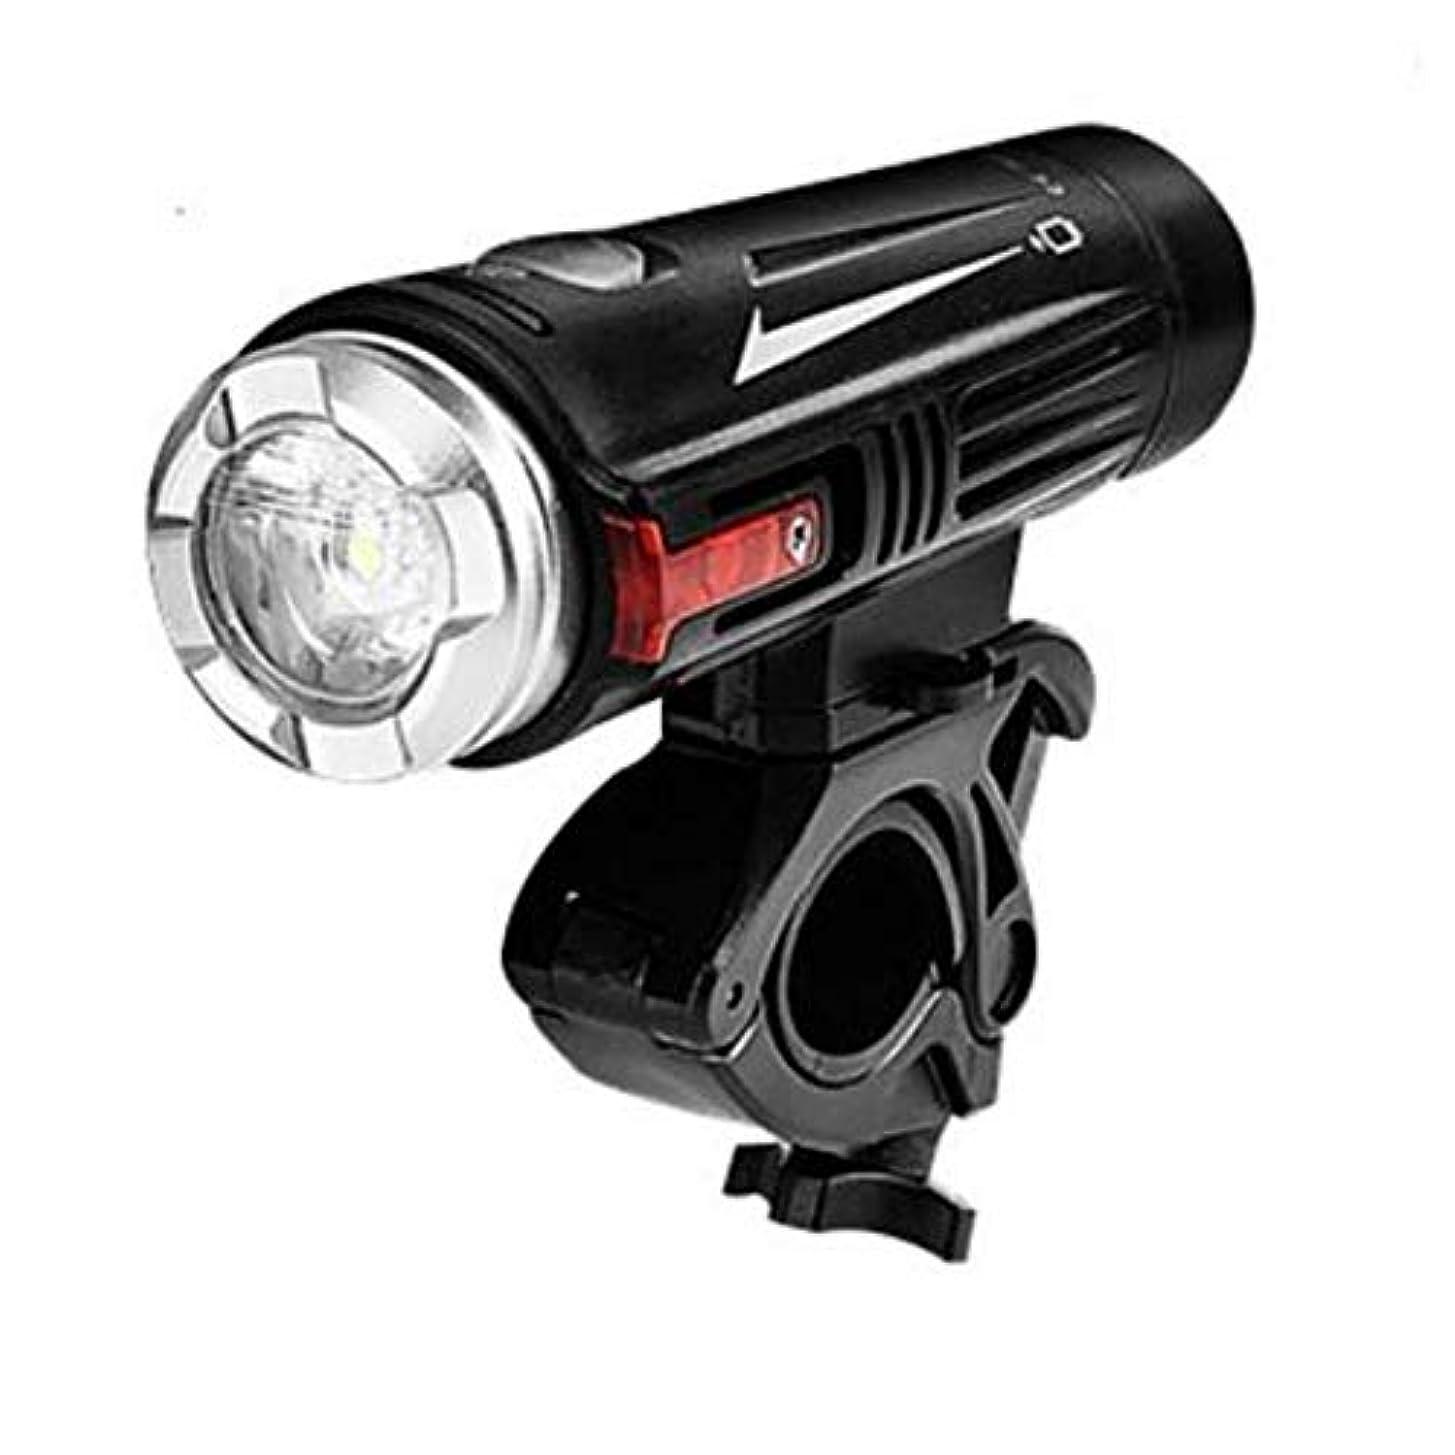 痛み調和矢ナイトライディング機器、USB充電自転車ライトフロントライトLEDライディング照明防水マウンテンサイクルライトスーパーブライト